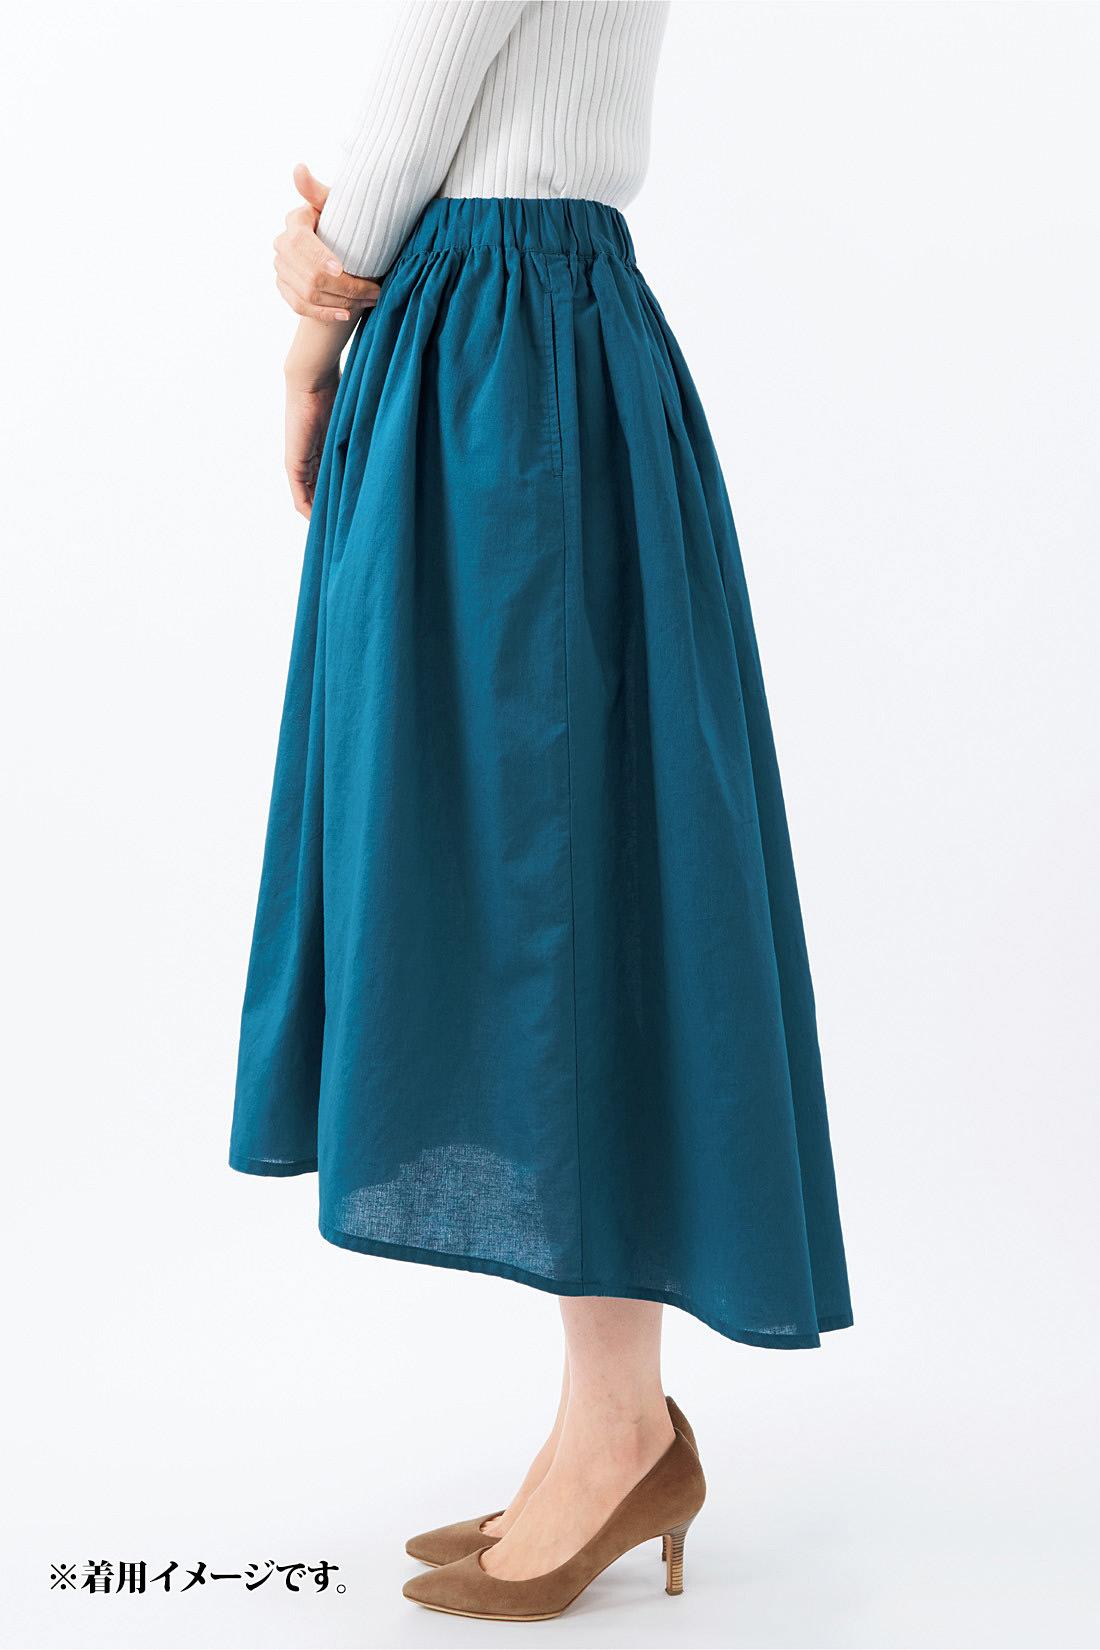 前後で長さを変えたフィッシュテールスカートで、アシンメトリーに。動くたび見え隠れする脚線も艶っぽい印象。※お届けするカラーとは異なります。